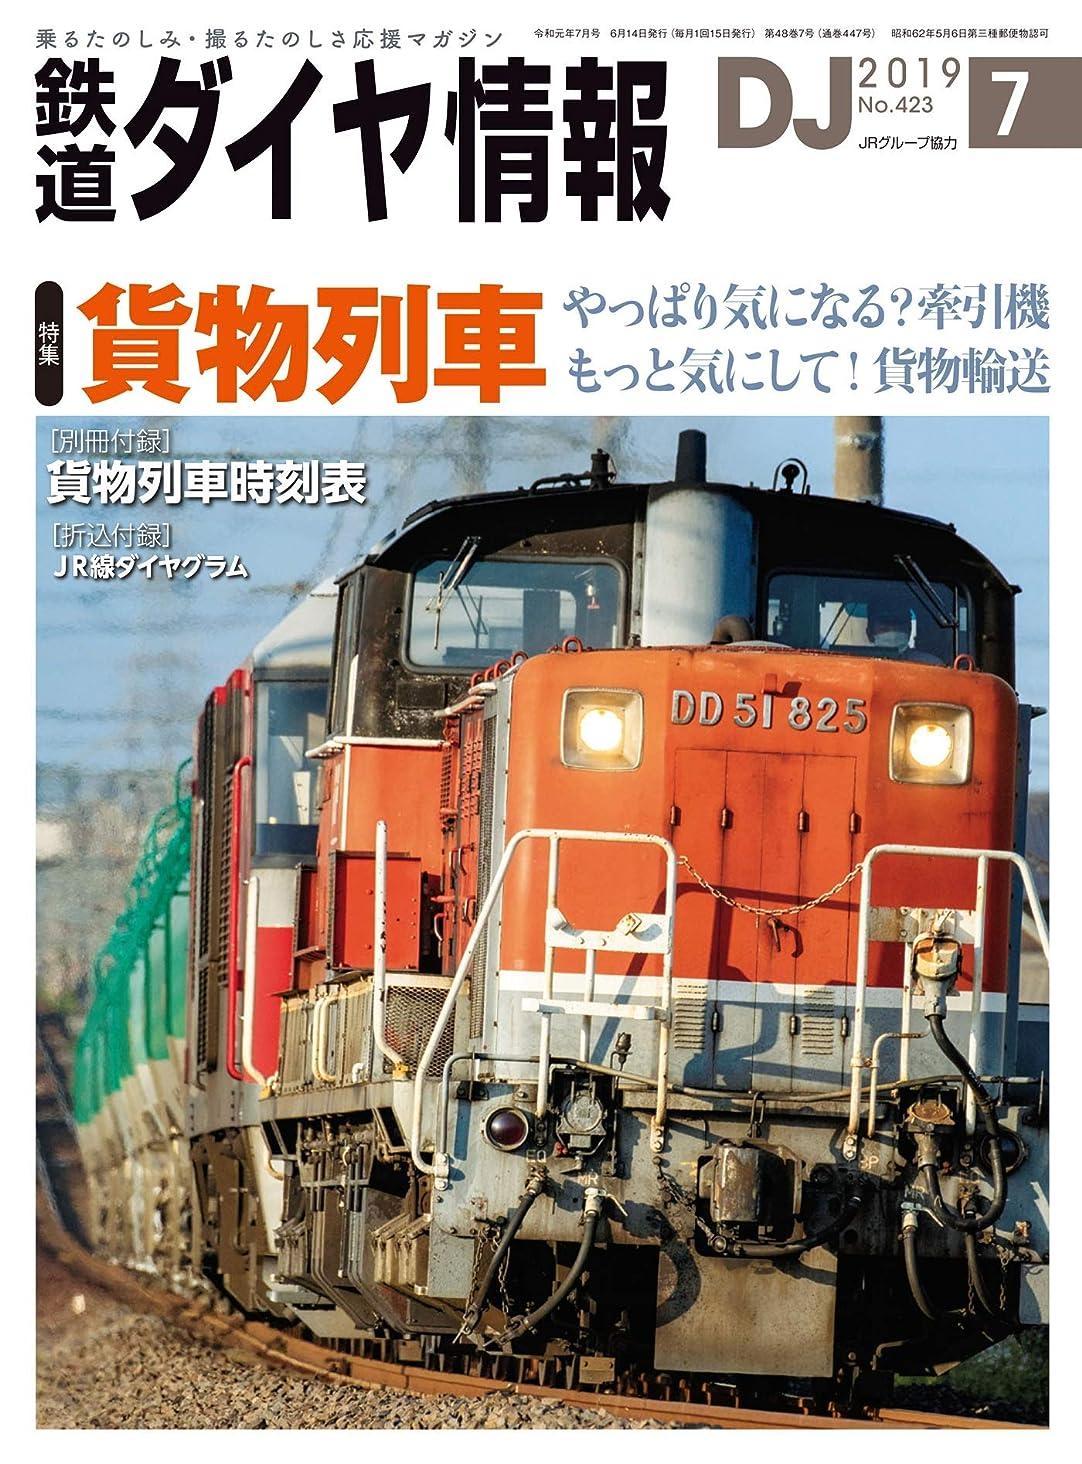 獲物雪の藤色鉄道ダイヤ情報 2019年 07月号 [雑誌]